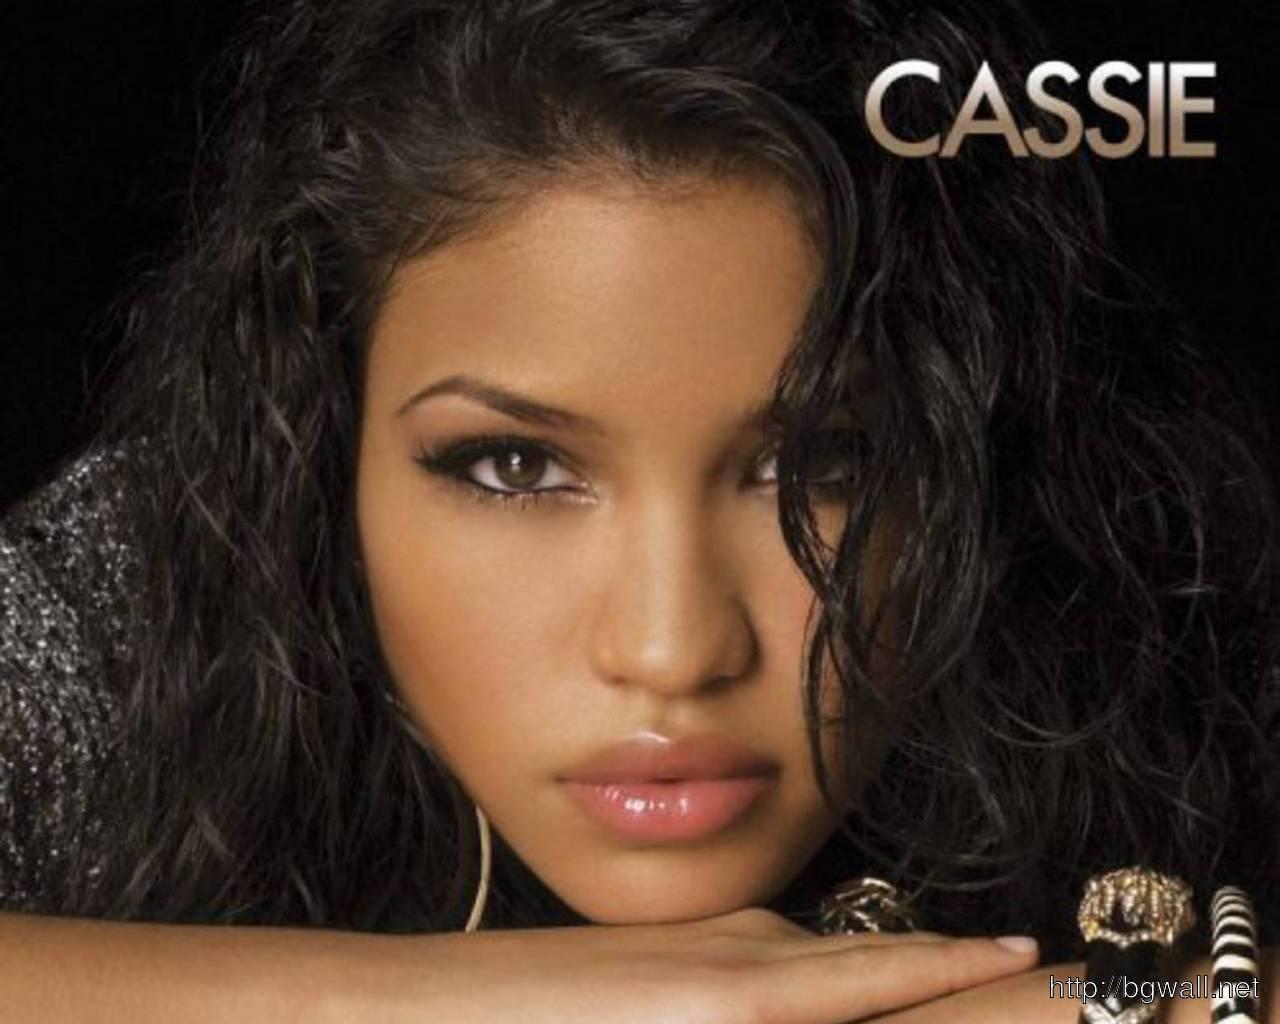 Cassie Ventura 2000